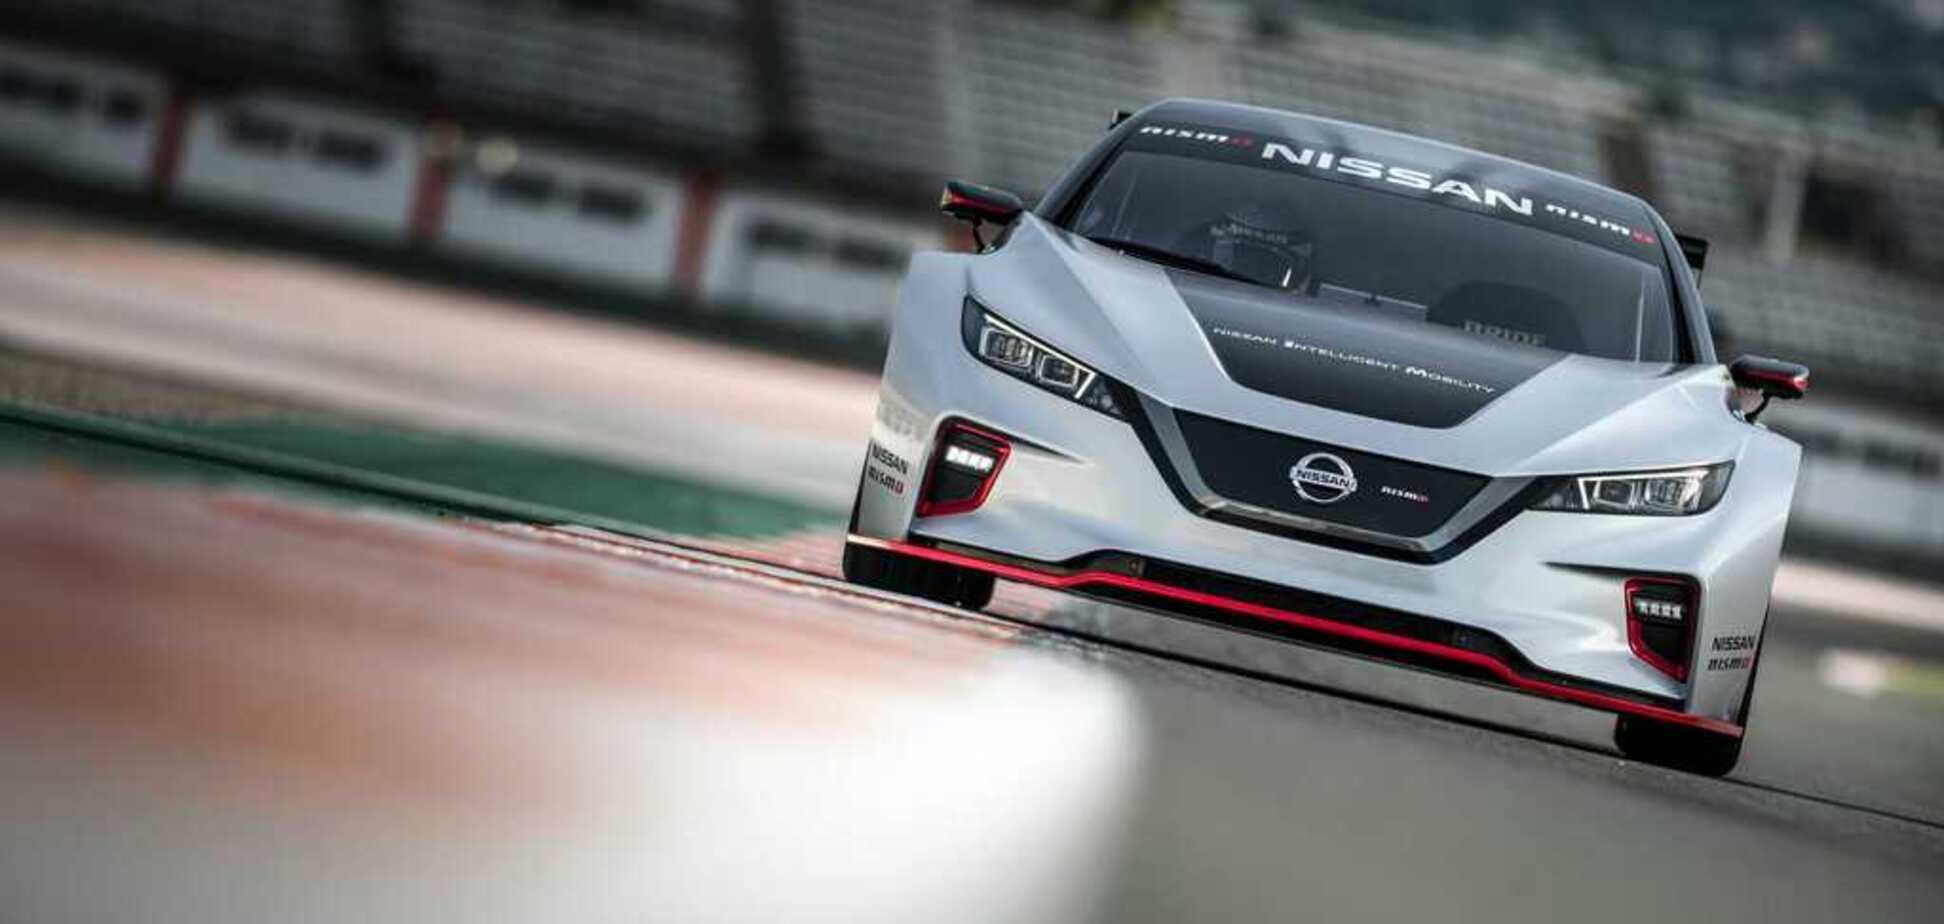 Швидше за Tesla: Nissan показала нове покоління електромобіля Leaf